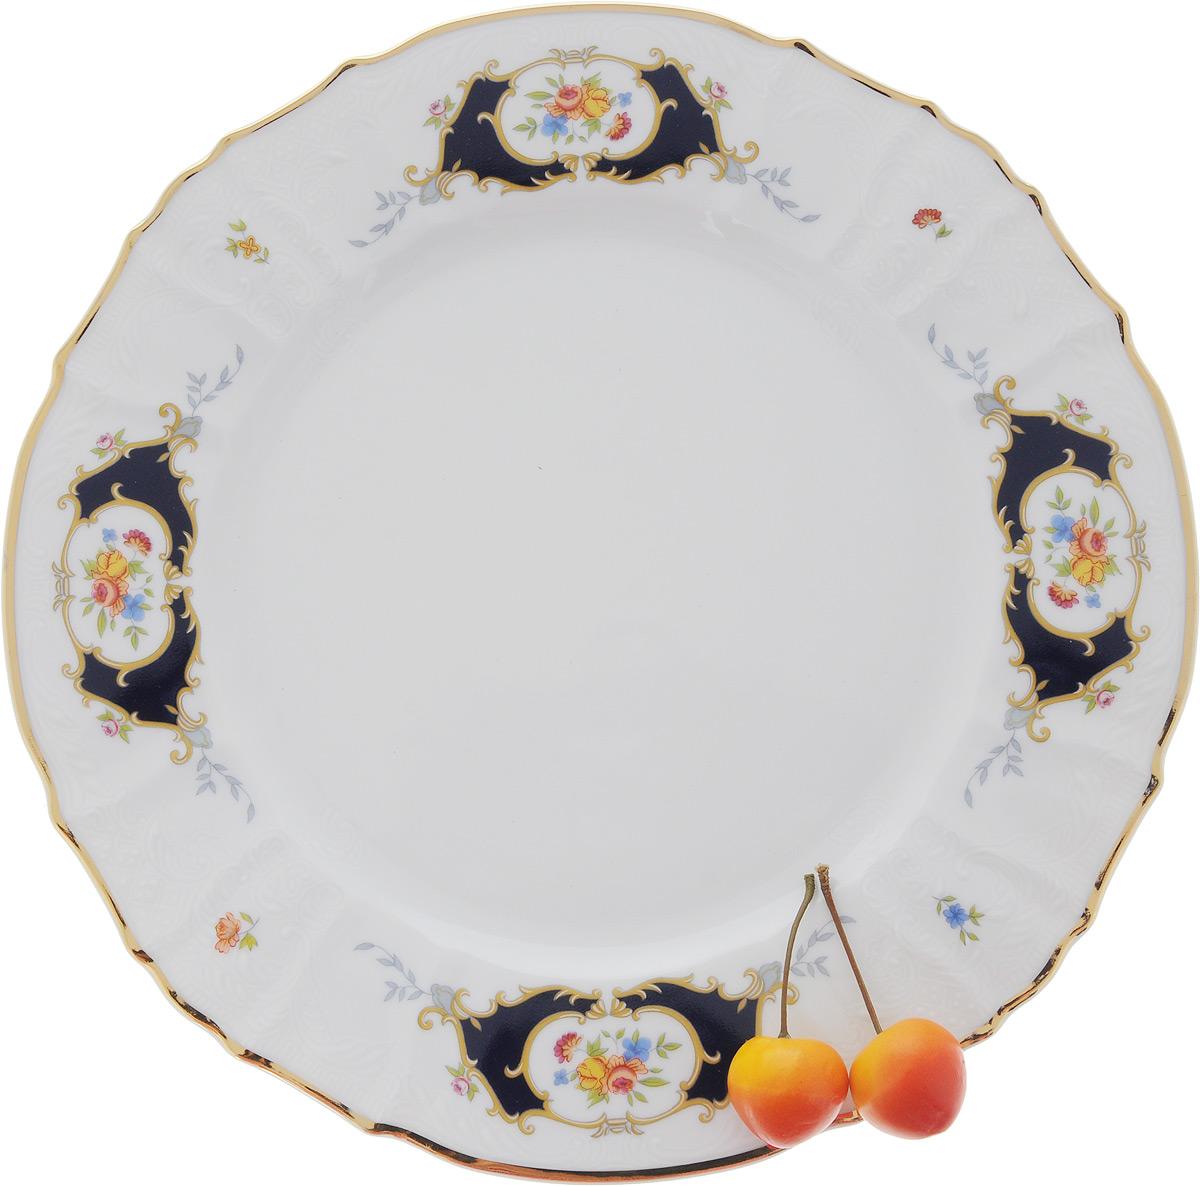 Блюдо Bernadotte Глаз, диаметр 30 смVT-1520(SR)Блюдо Bernadotte Глаз выполнено из белоснежного фарфора с покрытием глазурью. Изделие украшено золотистой эмалью по краю, изысканным рельефом и ярким красивым узором. Оно прекрасно подойдет для сервировки разнообразных блюд - закусок, нарезок, салатов, канапе, овощей и фруктов, пирожных. Такое блюдо красиво дополнит сервировку вашего стола. Отлично подойдет для торжественных случаев.